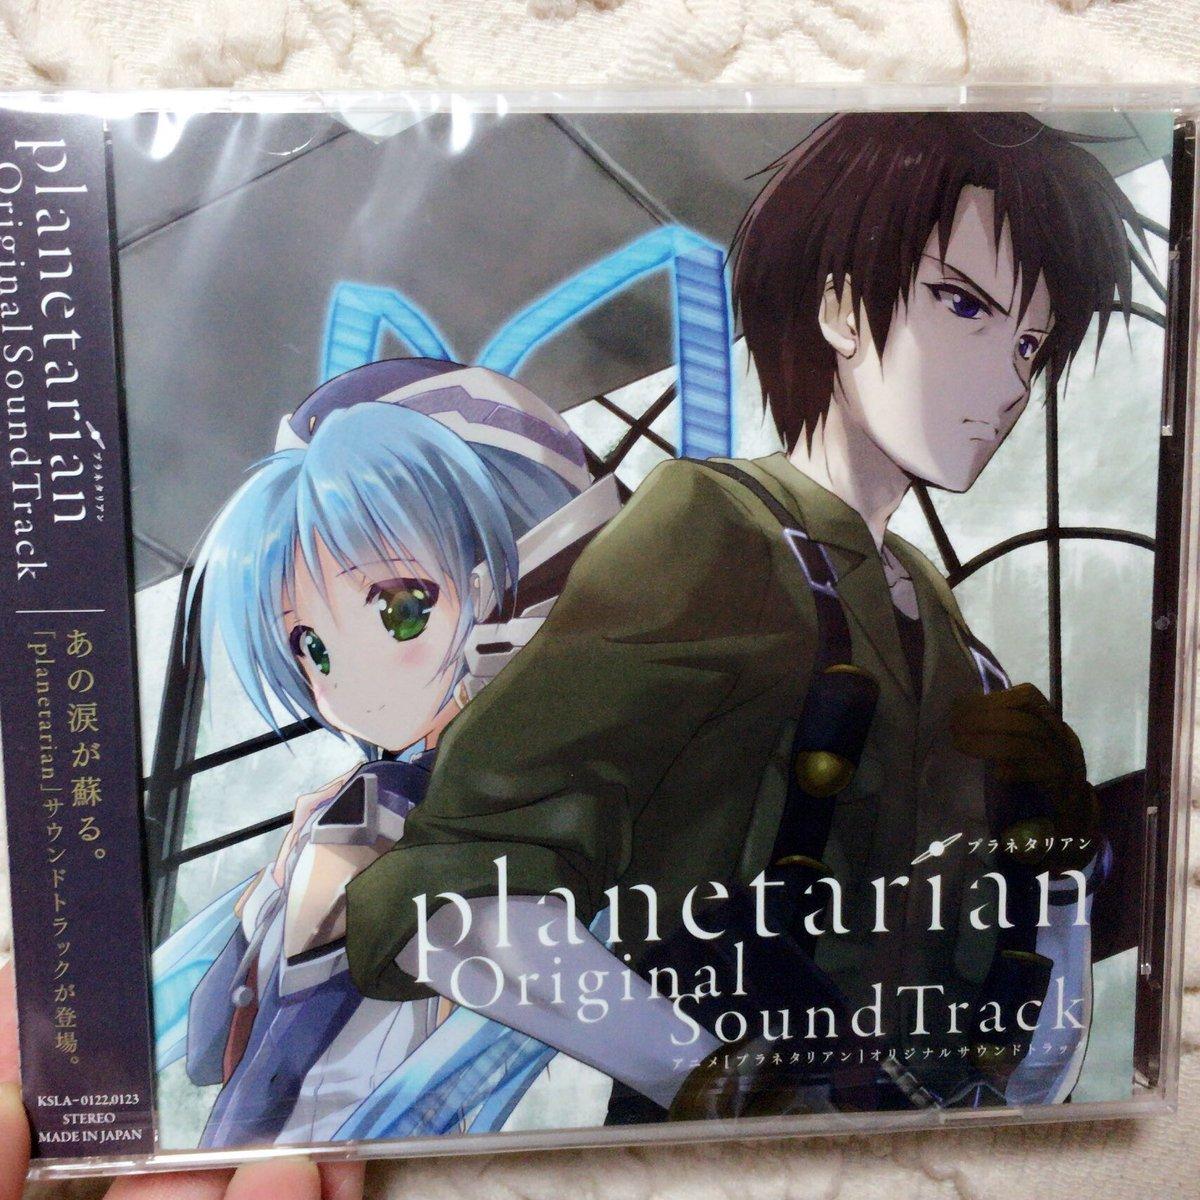 おはよー( *・ω・ )今日は「planetarian」のオリジナルサウンドトラックの発売日だよっ。  シングルCD2枚